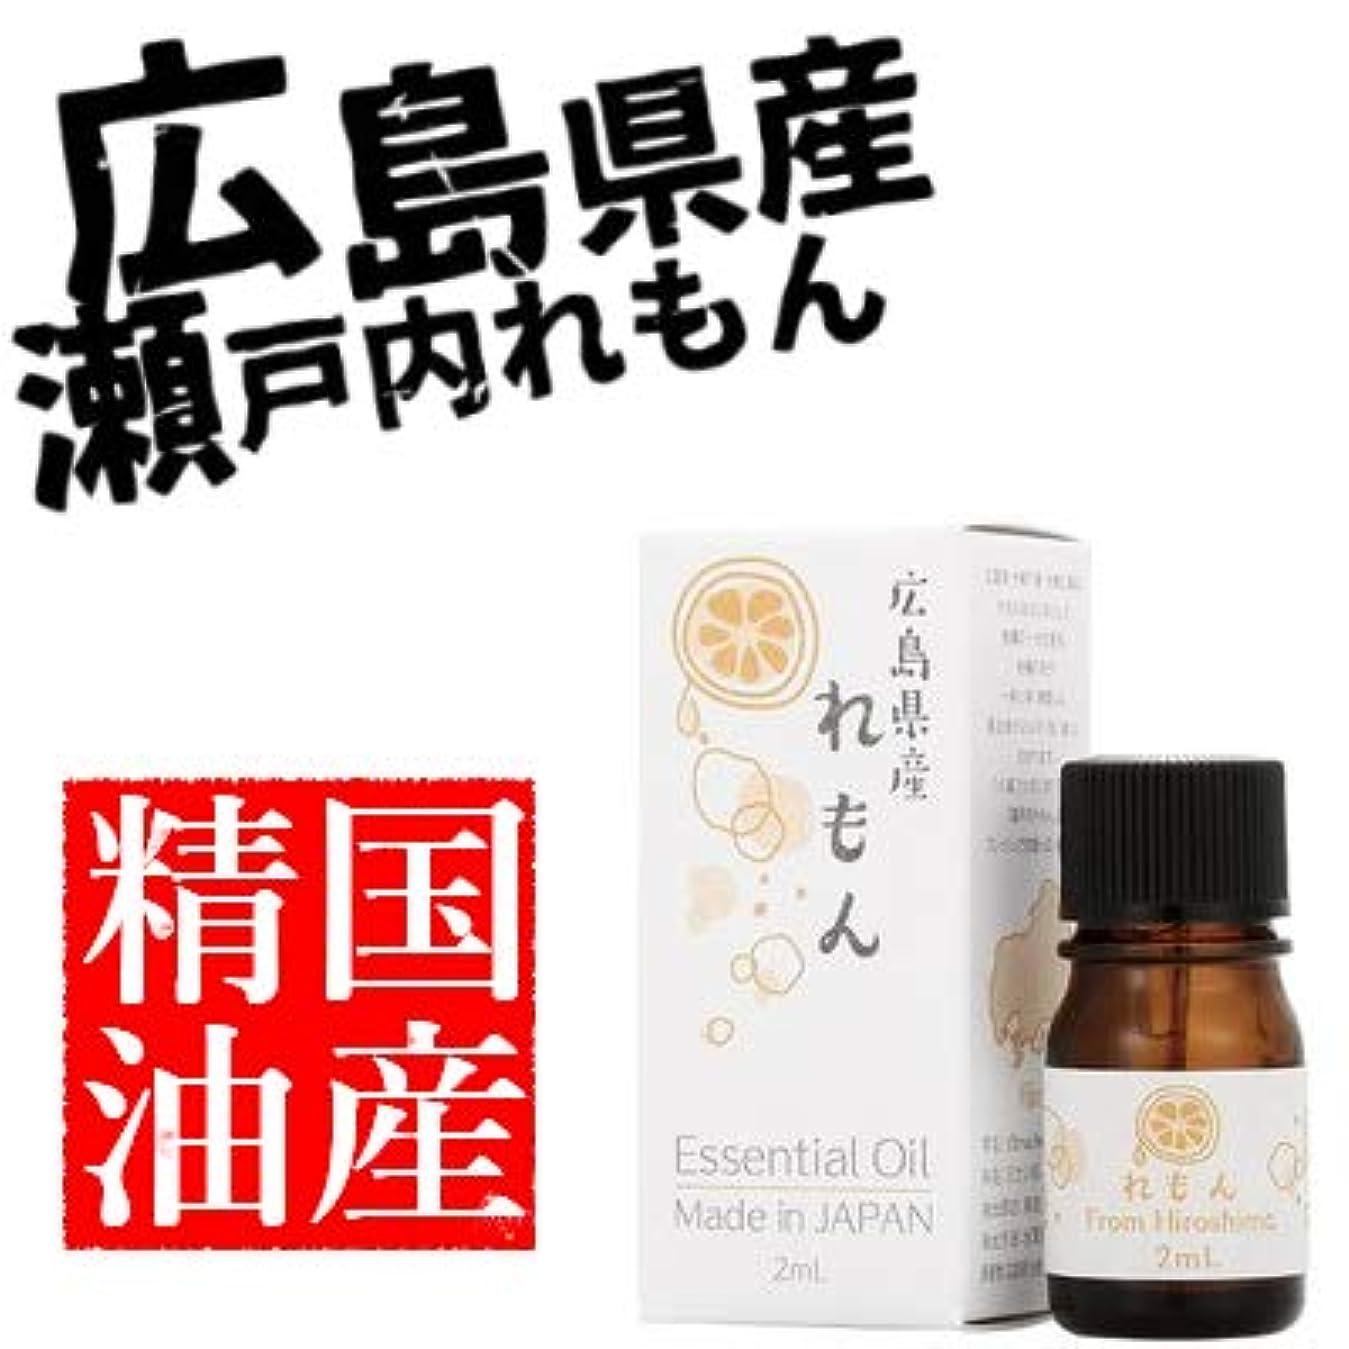 吸収剤放映ばかげた日本の香りシリーズ エッセンシャルオイル 国産精油 (れもん)